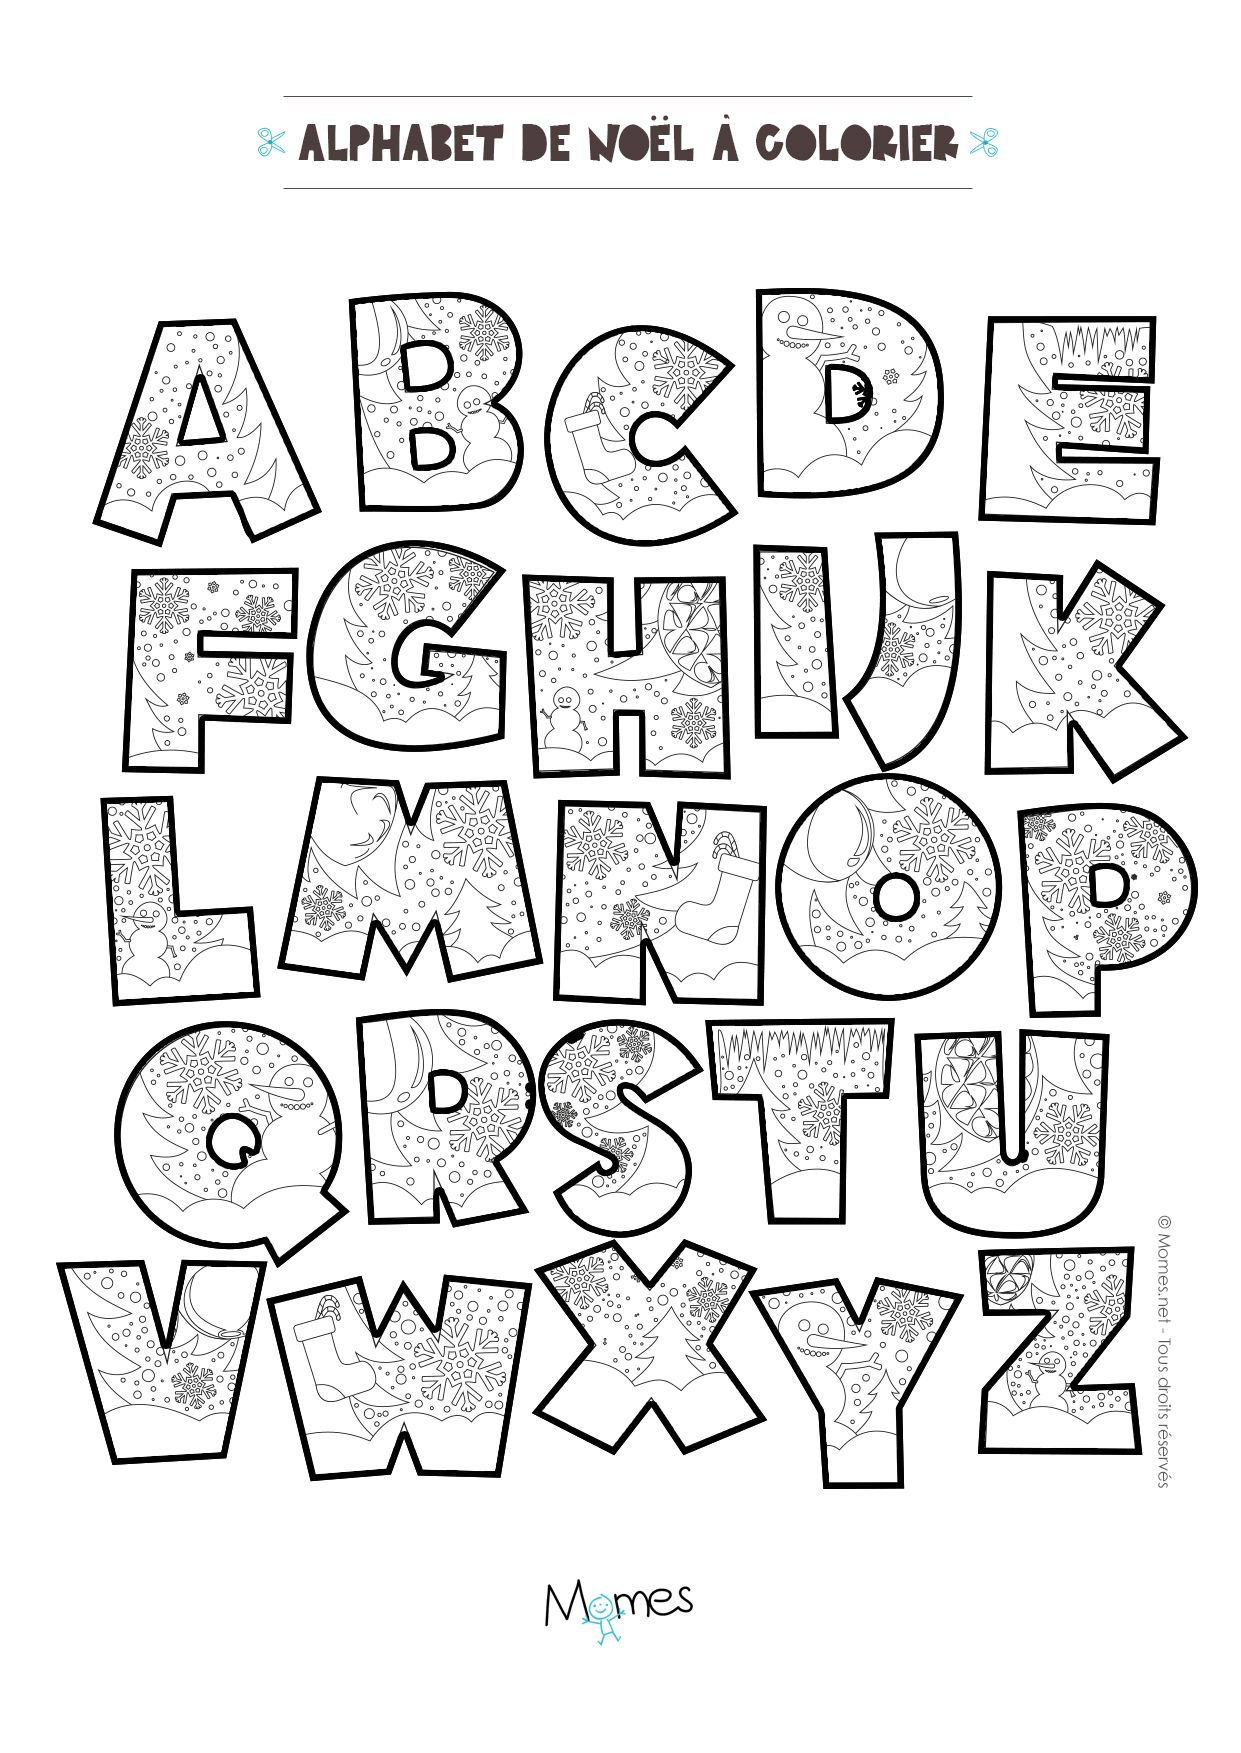 Coloriage Alphabet de Noël à imprimer   Bullet journal lettering ...